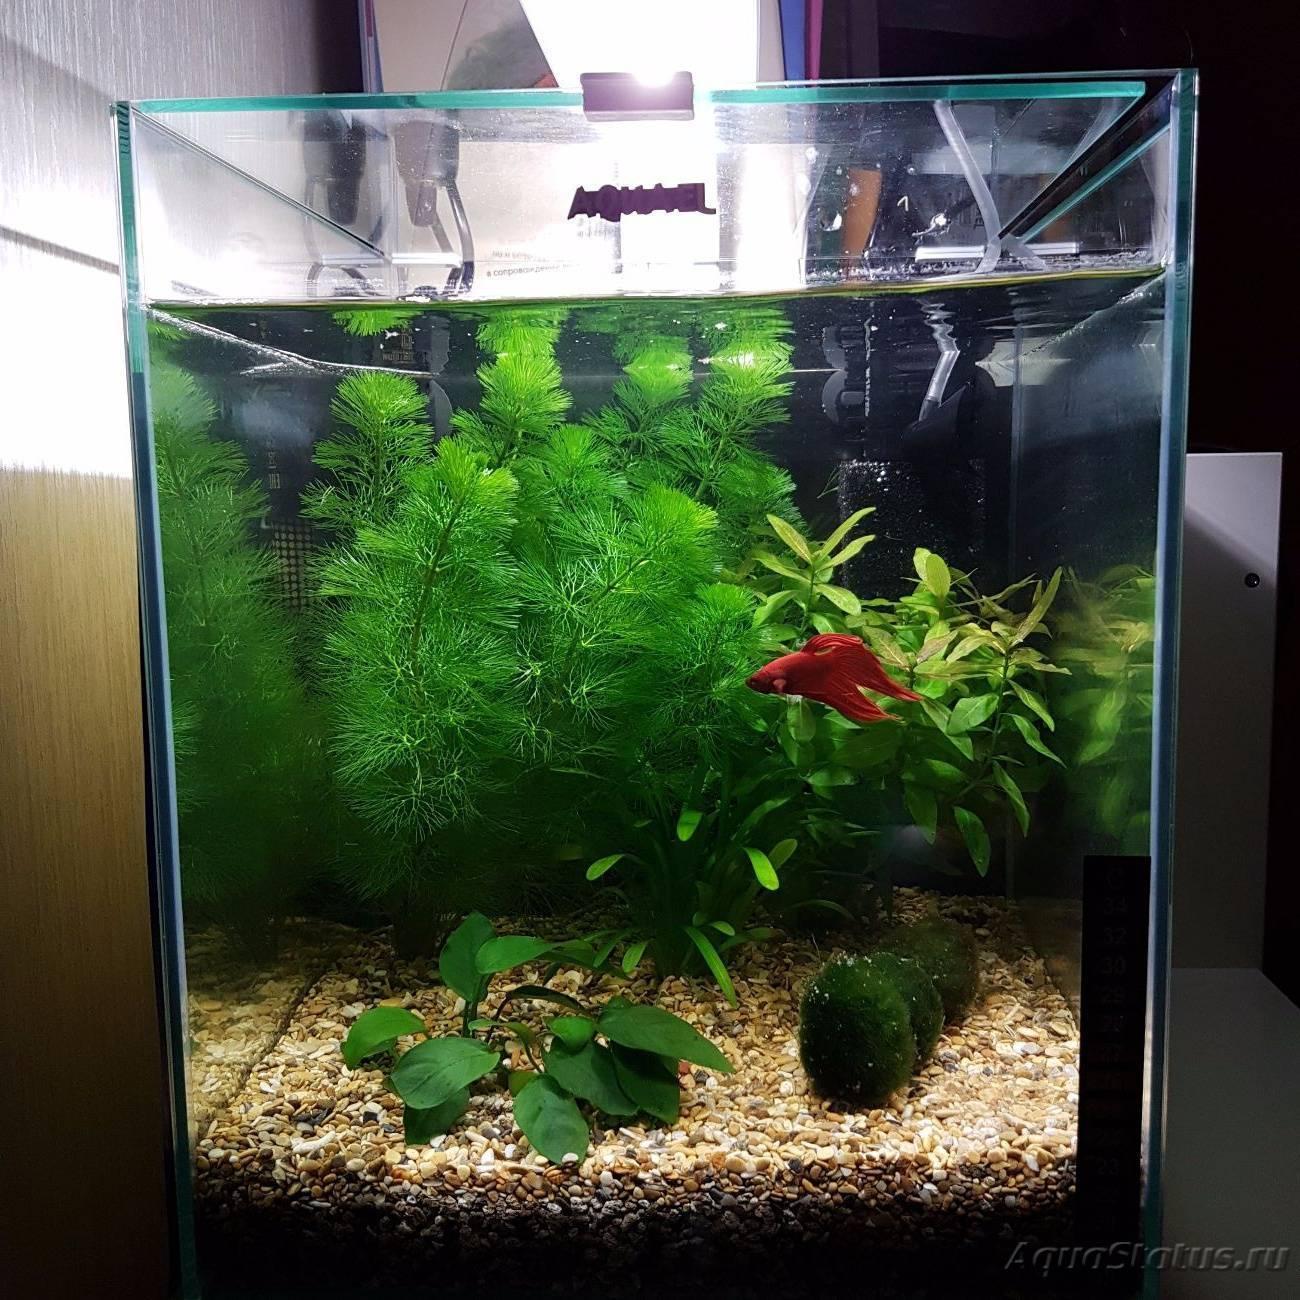 Настенный аквариум: морское царство в нашем доме